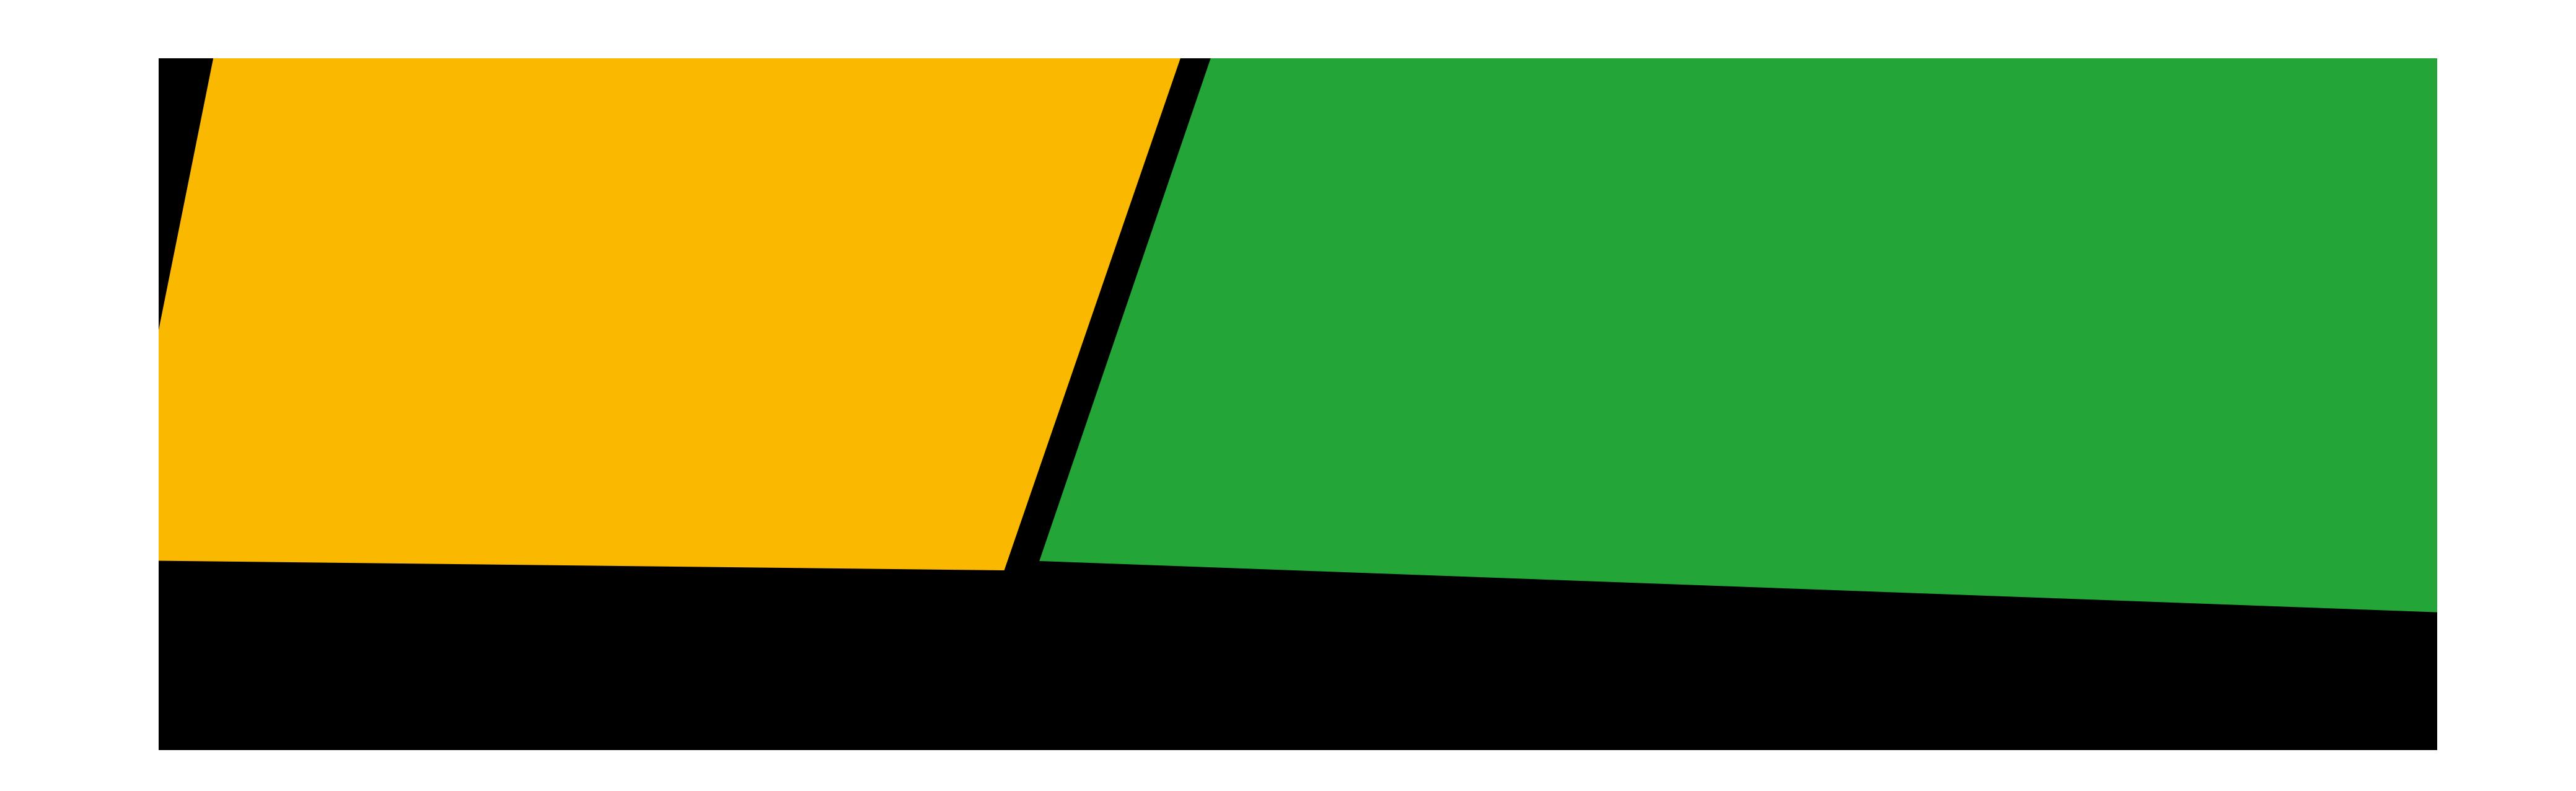 Rmv Dd